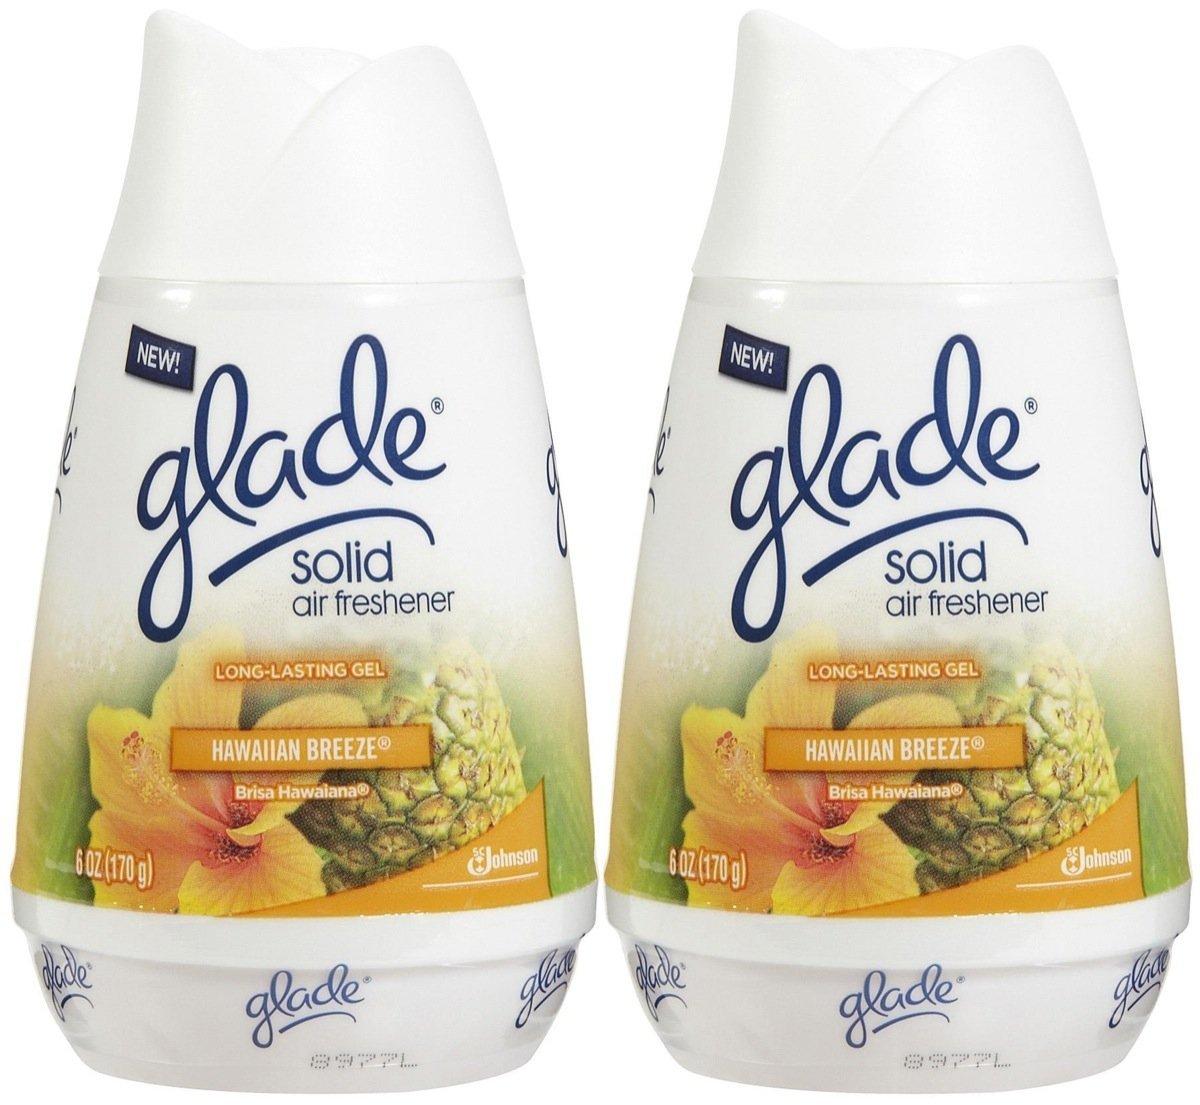 Glade Solid Air Freshener - Hawaiian Breeze - 6 oz - 2 pk